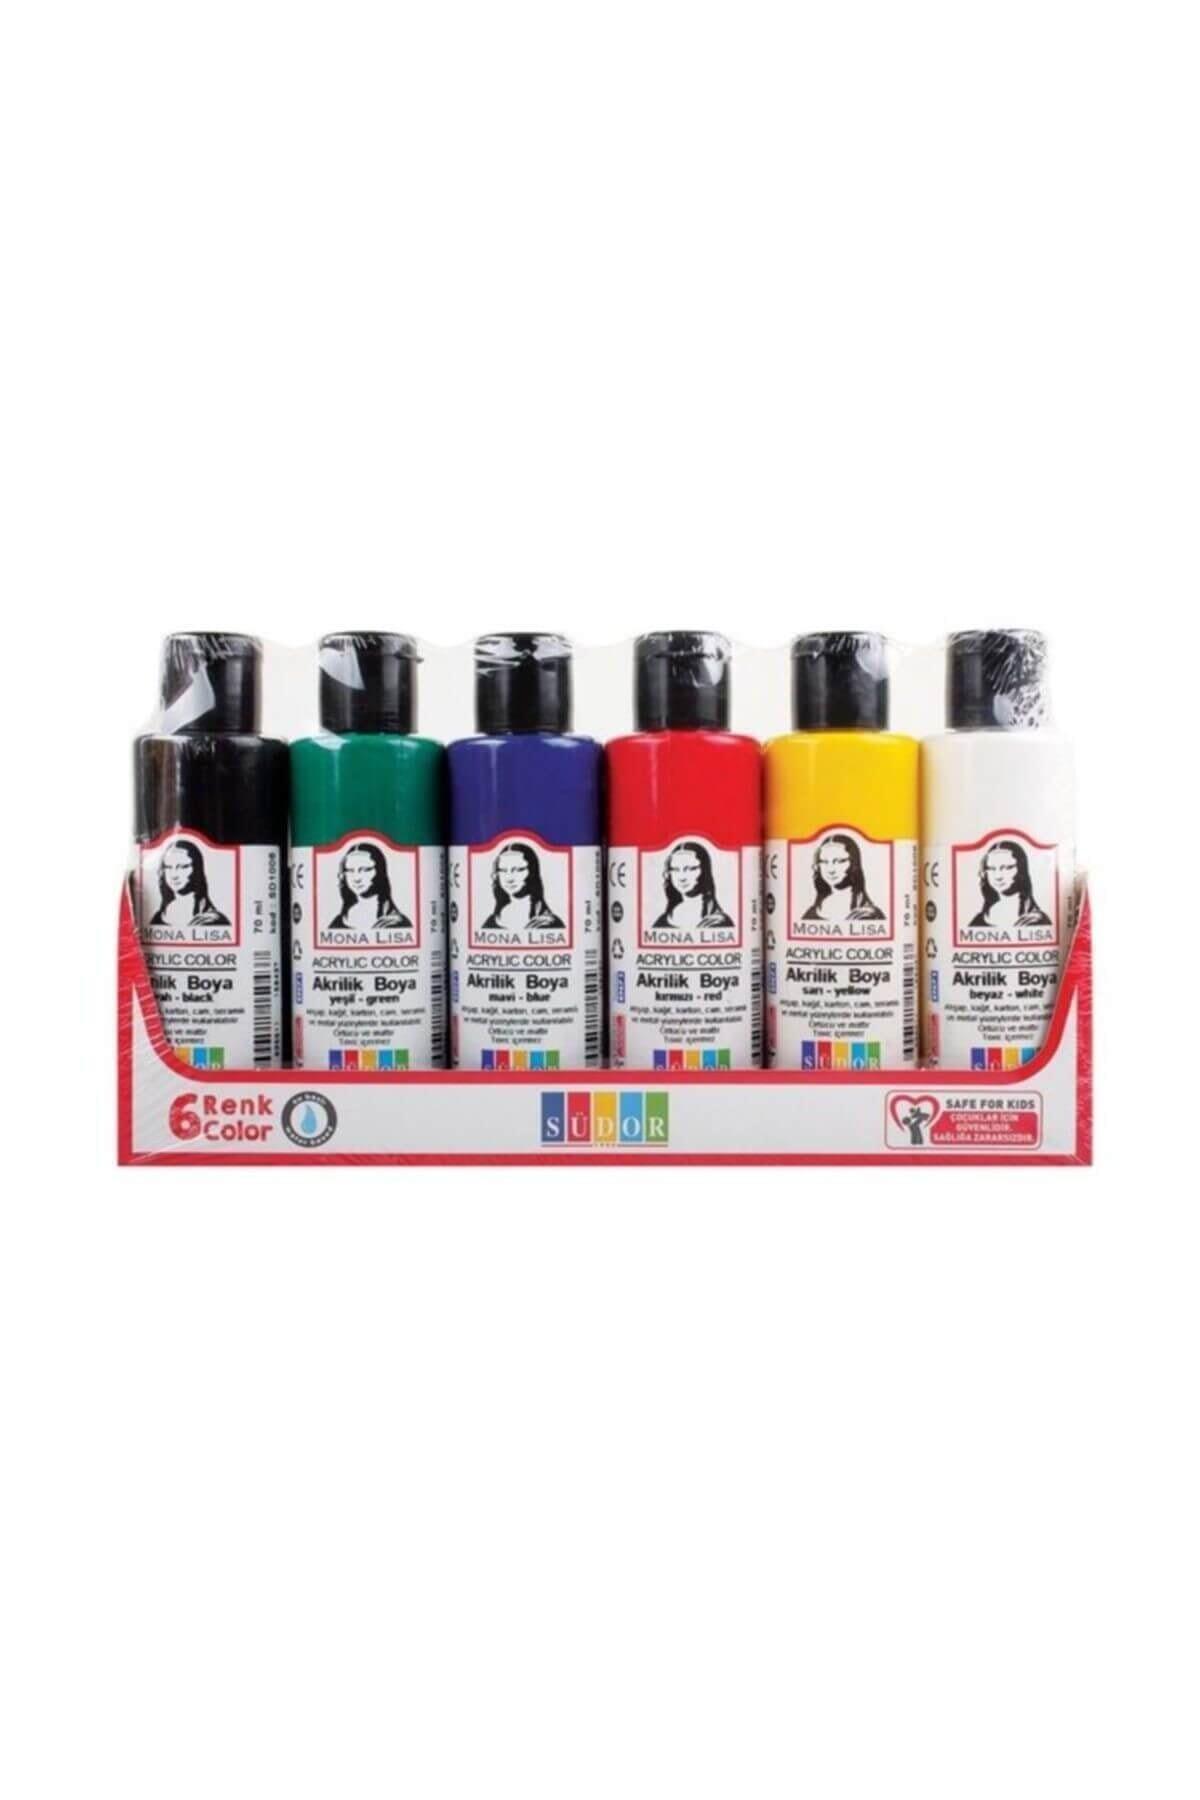 Südor Mona Lisa Akrilik Boya 6 Renk X 70 Ml Şişe 1